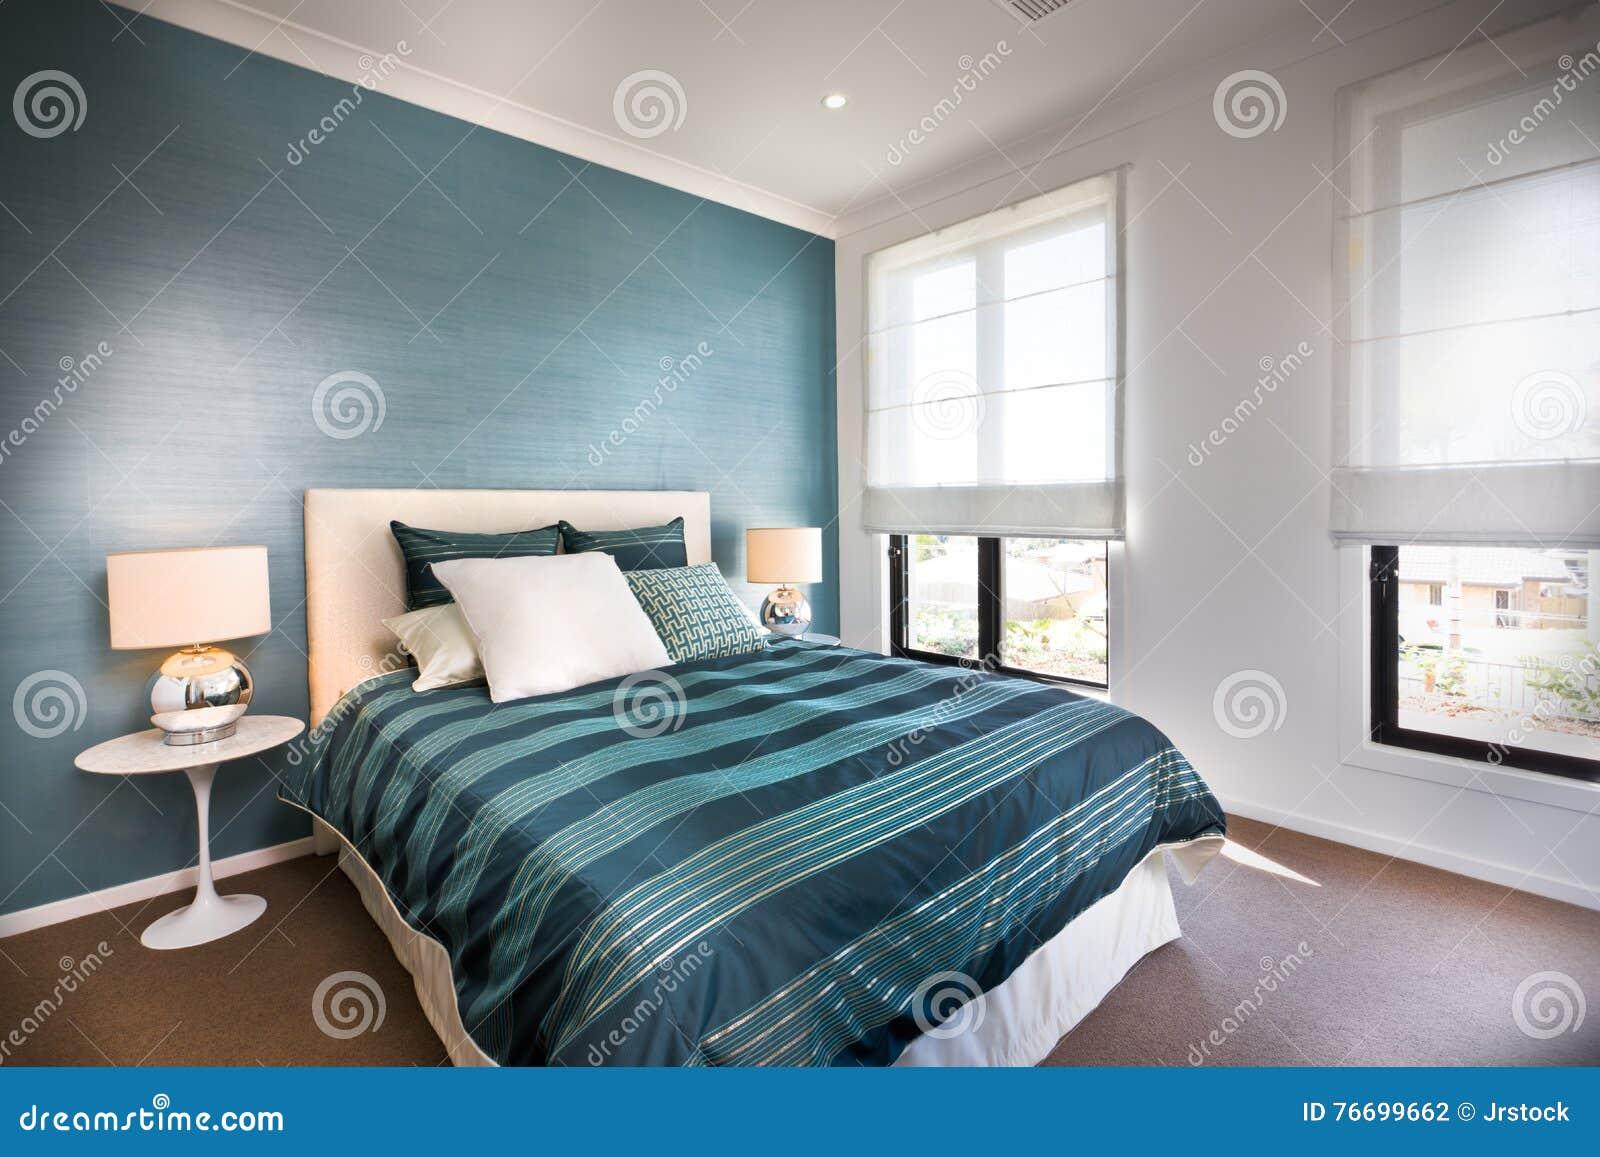 Sluit omhoog van een blauwe decoratieve slaapkamer met witte muren